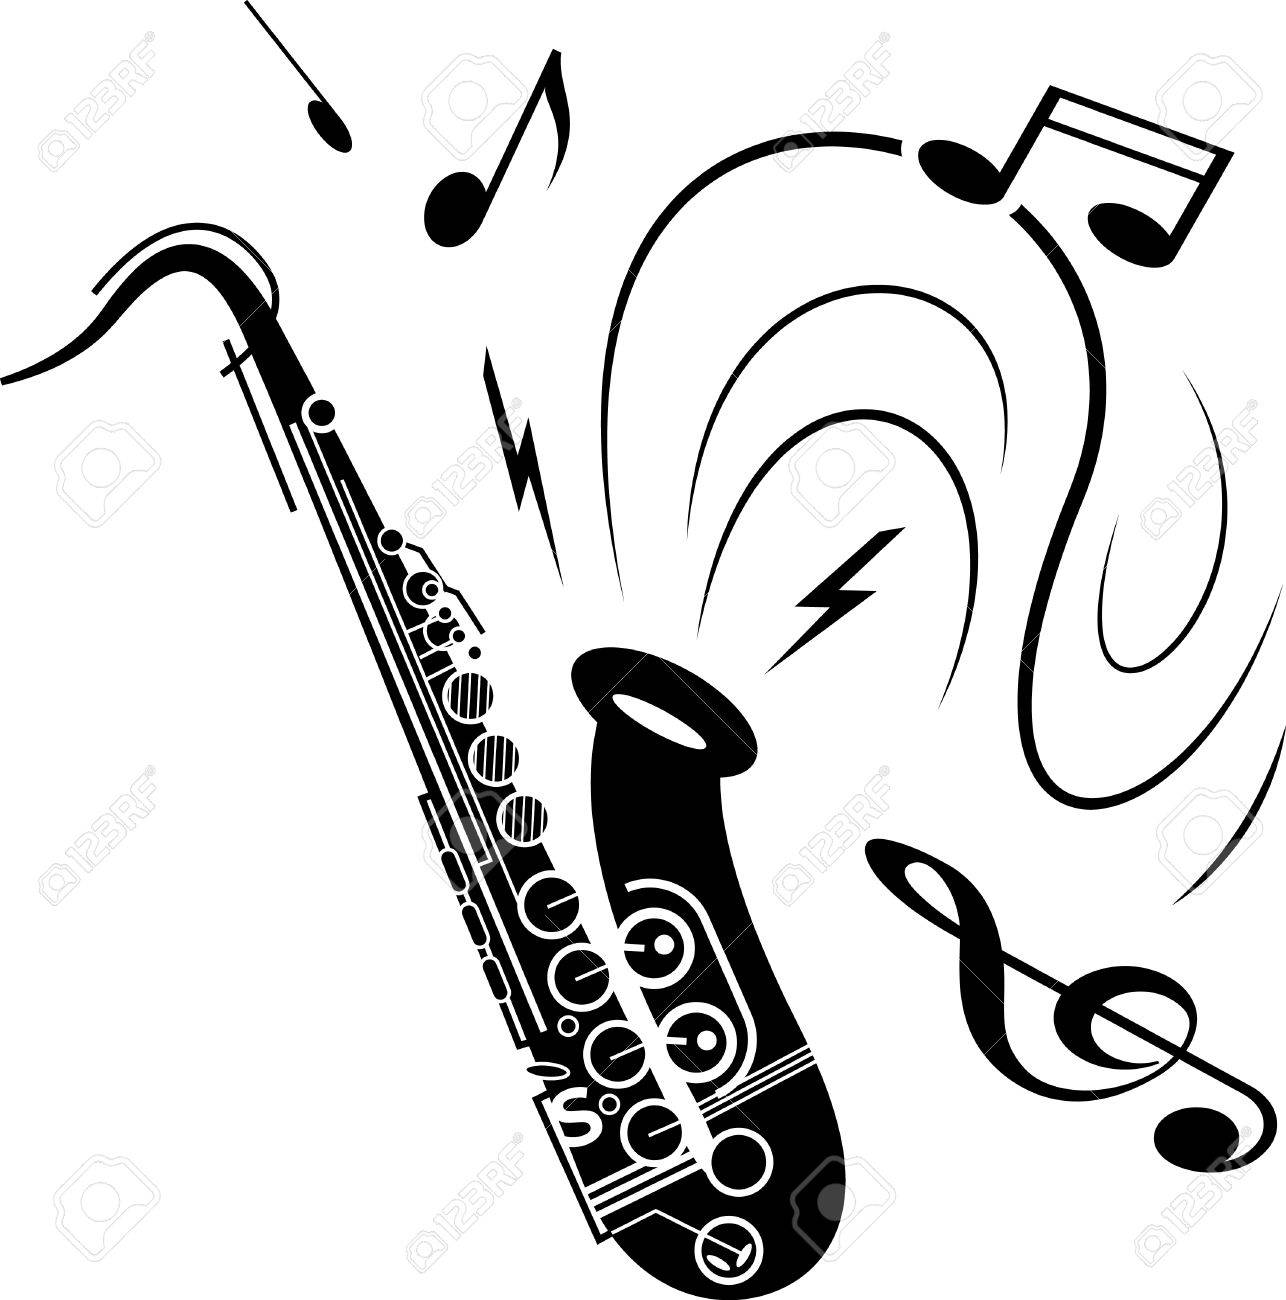 サクソフォーン音楽イラスト白黒音符楽器の噴霧と黒のサックス